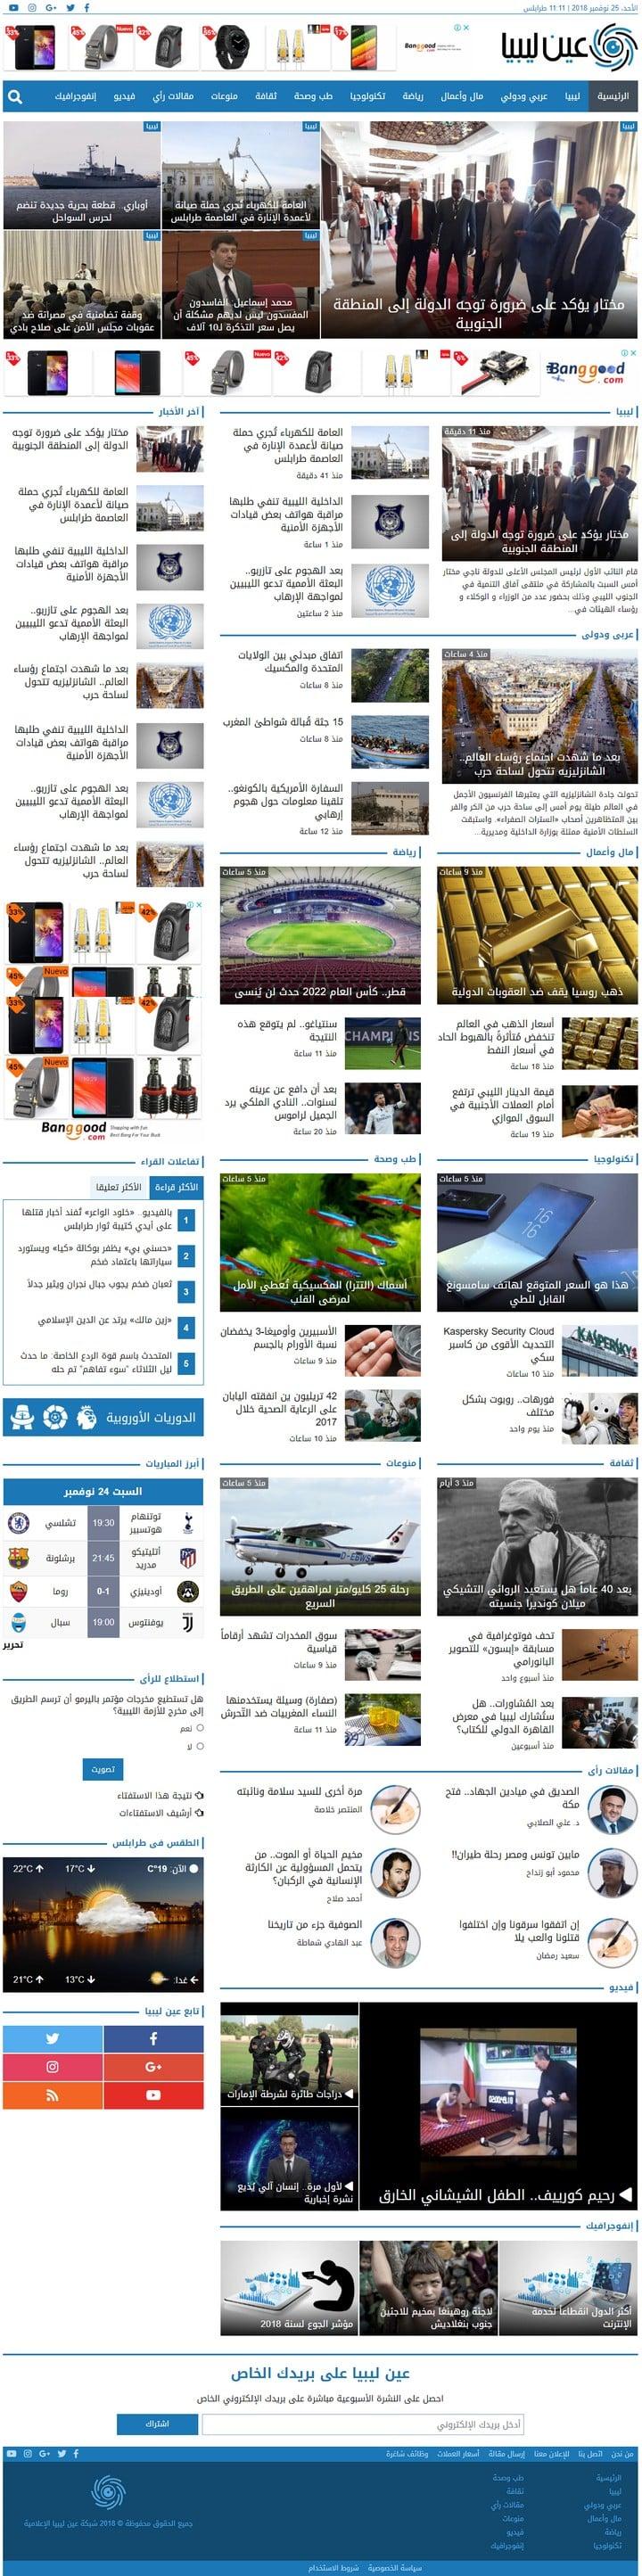 موقع عين ليبيا